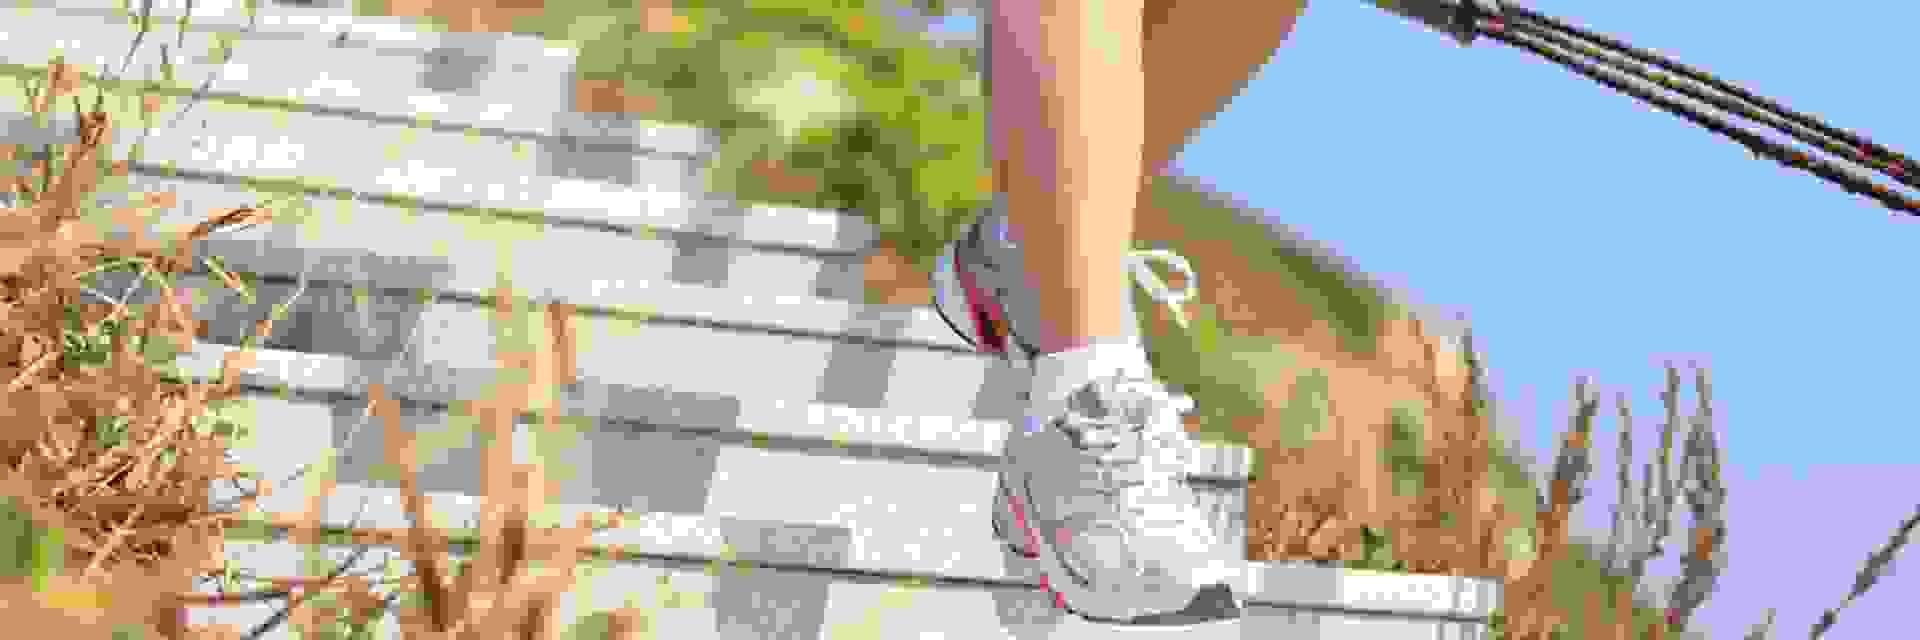 Eine Trailrunnerin läuft in weißen Trailschuhen eine Trepper hinunter